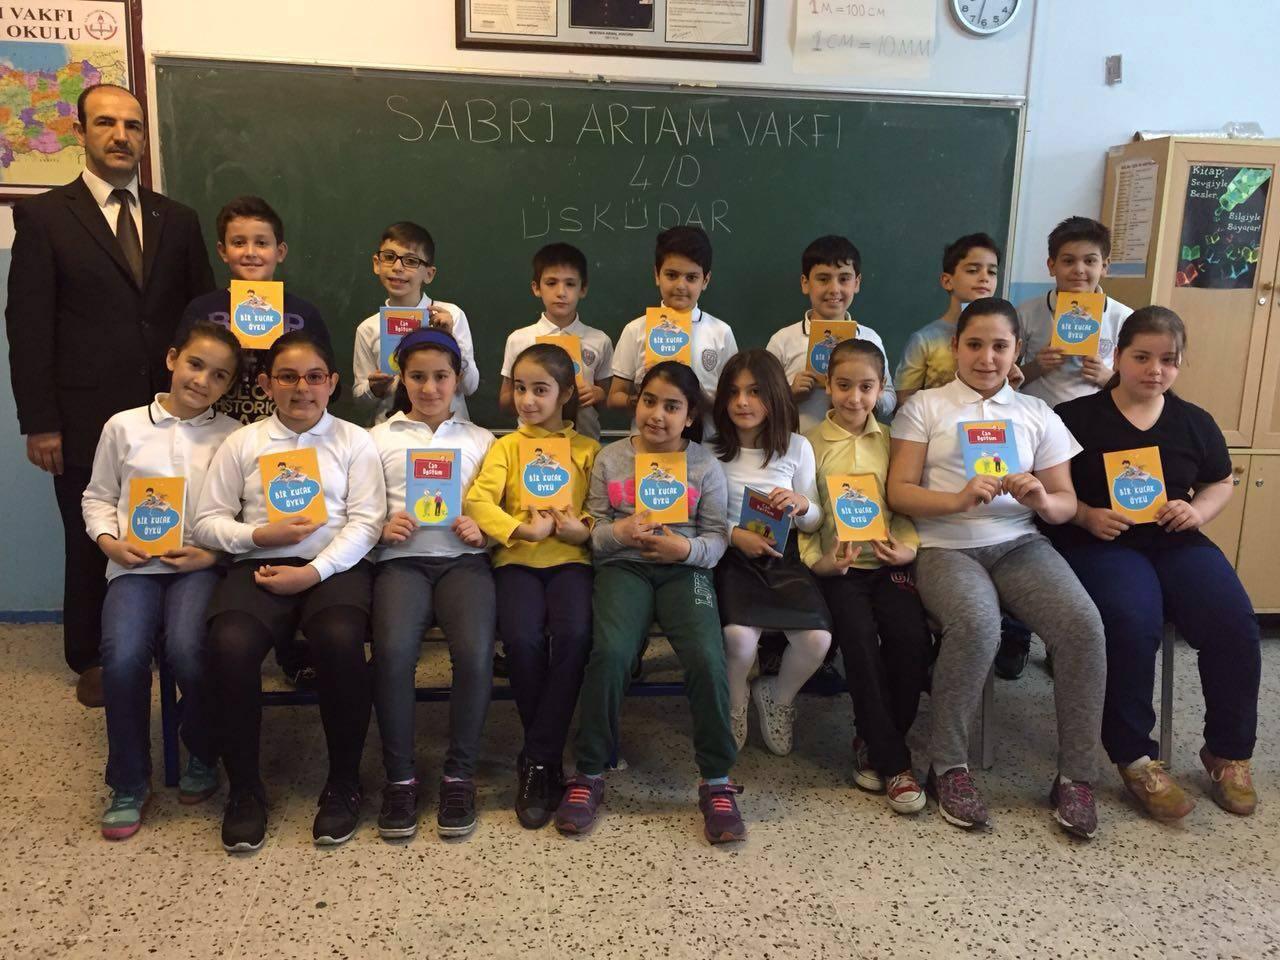 İlkokul öğrencilerin yazdığı hikayeler kitap oldu